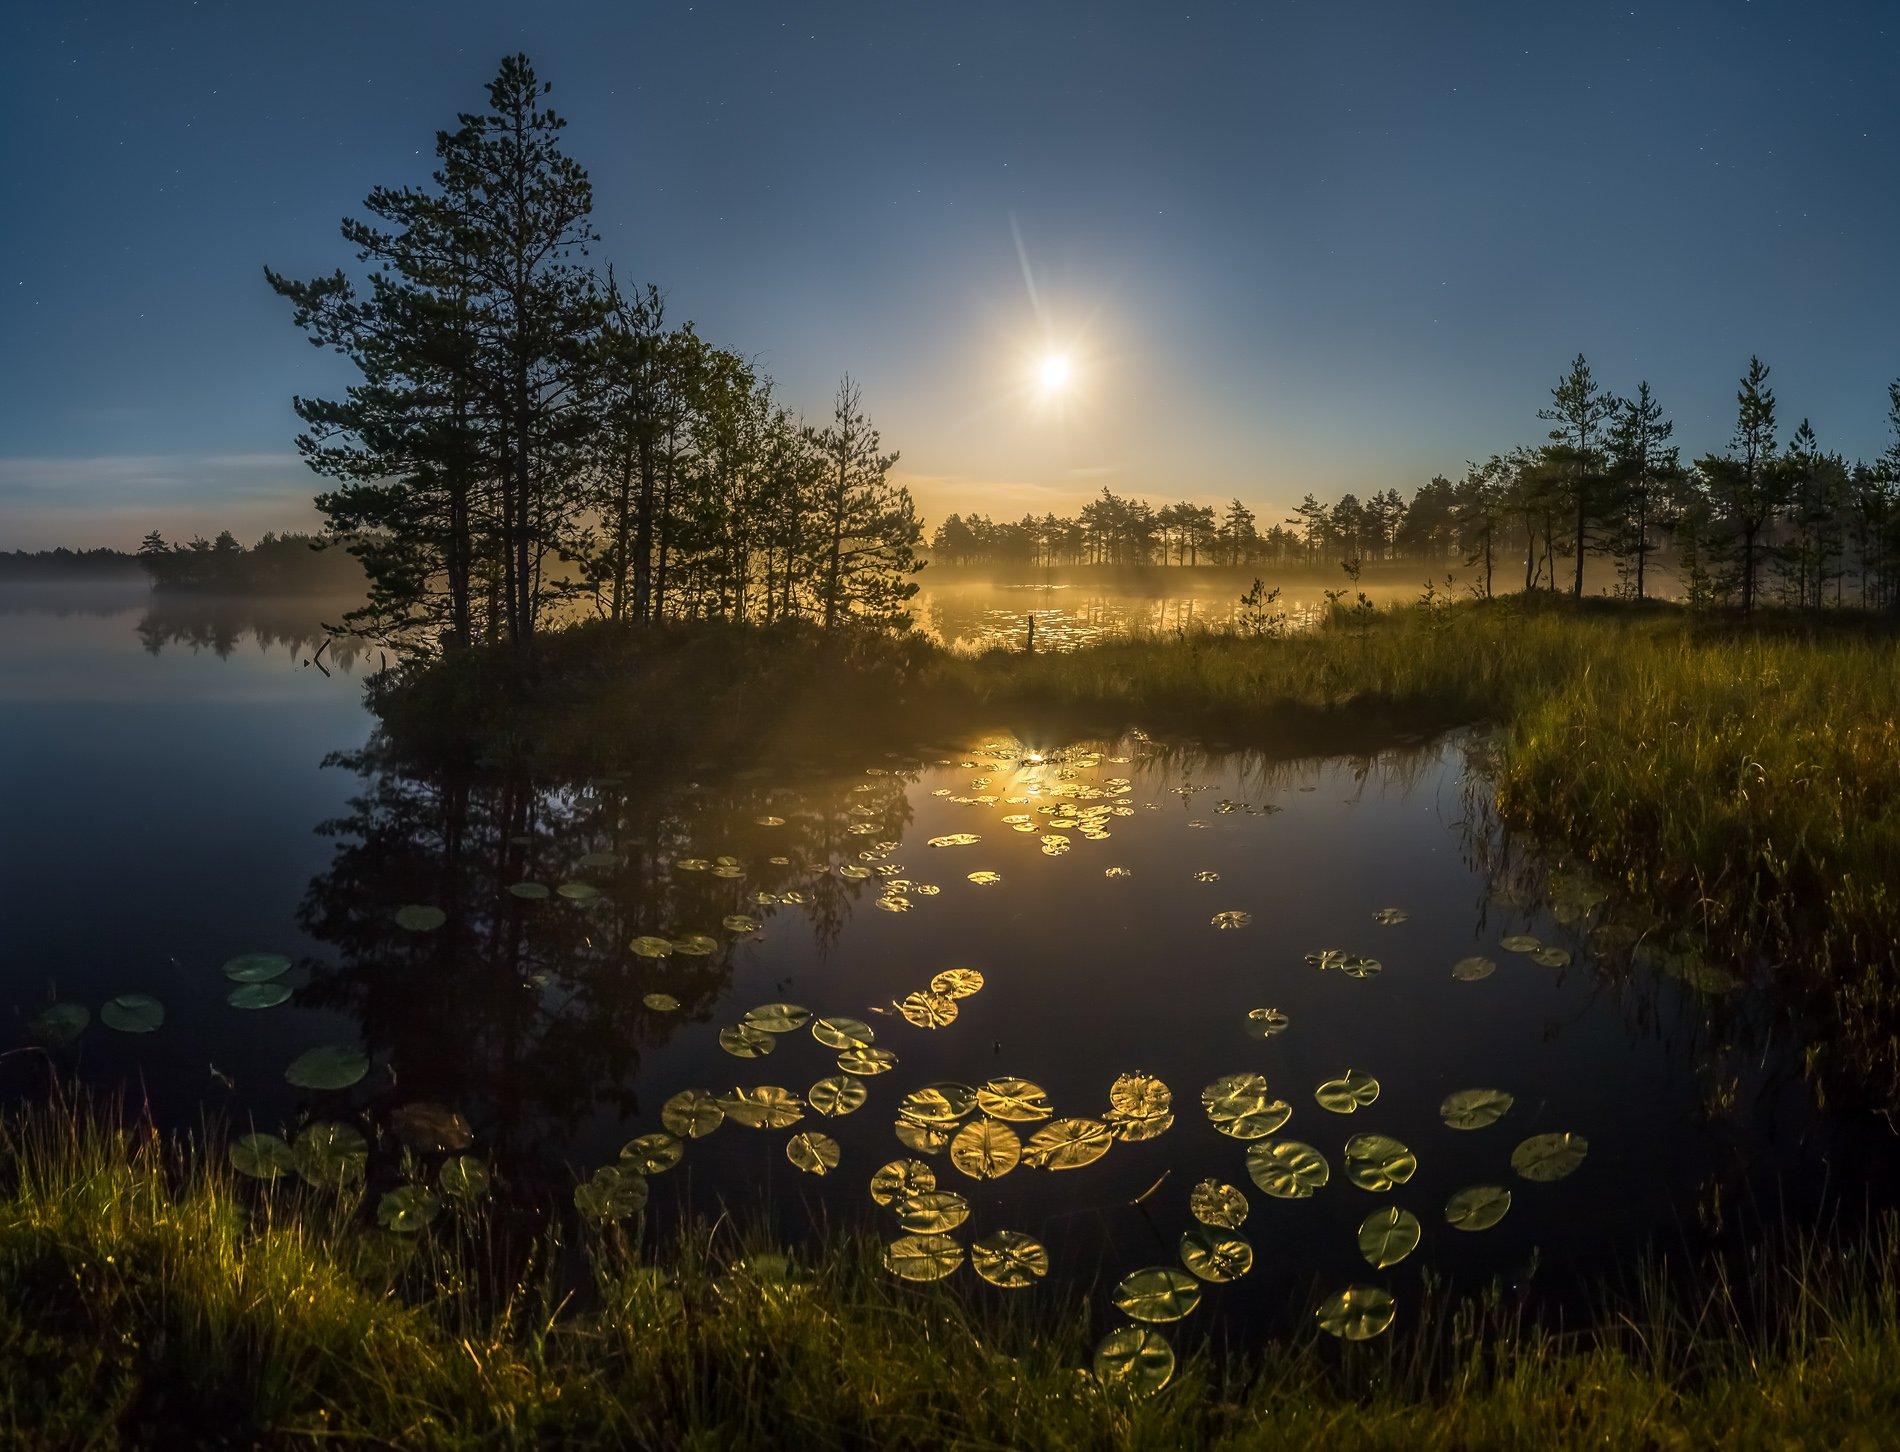 фототур, лето, ленинградская область, деревья, сосна, остров, полнолунье, луна, ночь, туман, отражение, озеро, кувшинки., Лашков Фёдор